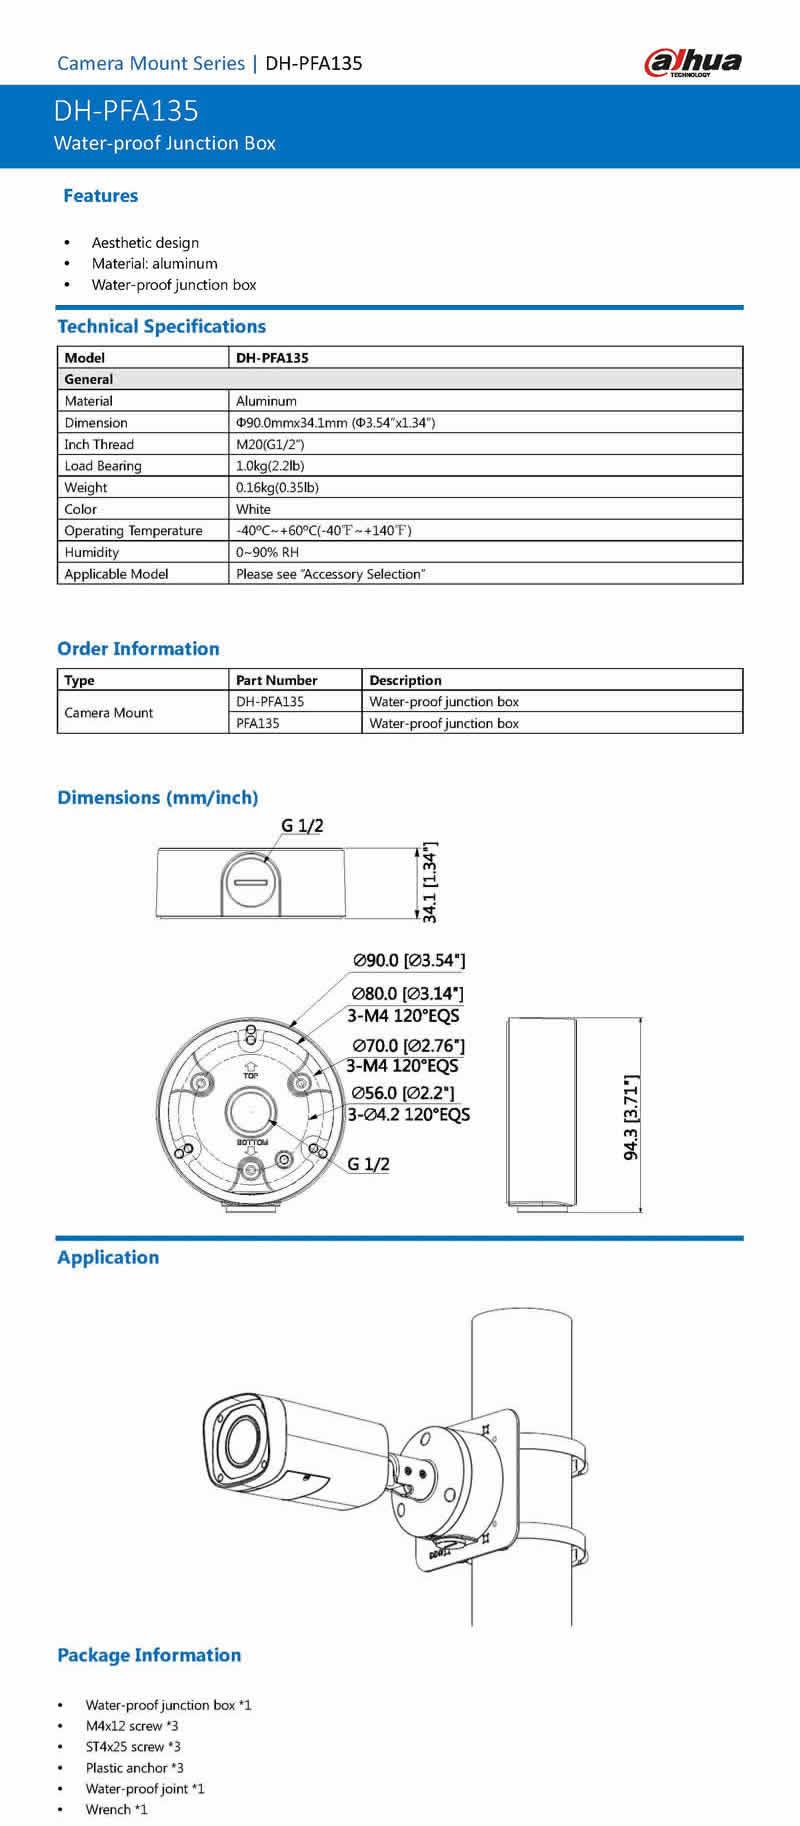 DH-PFA135_datasheet.jpg